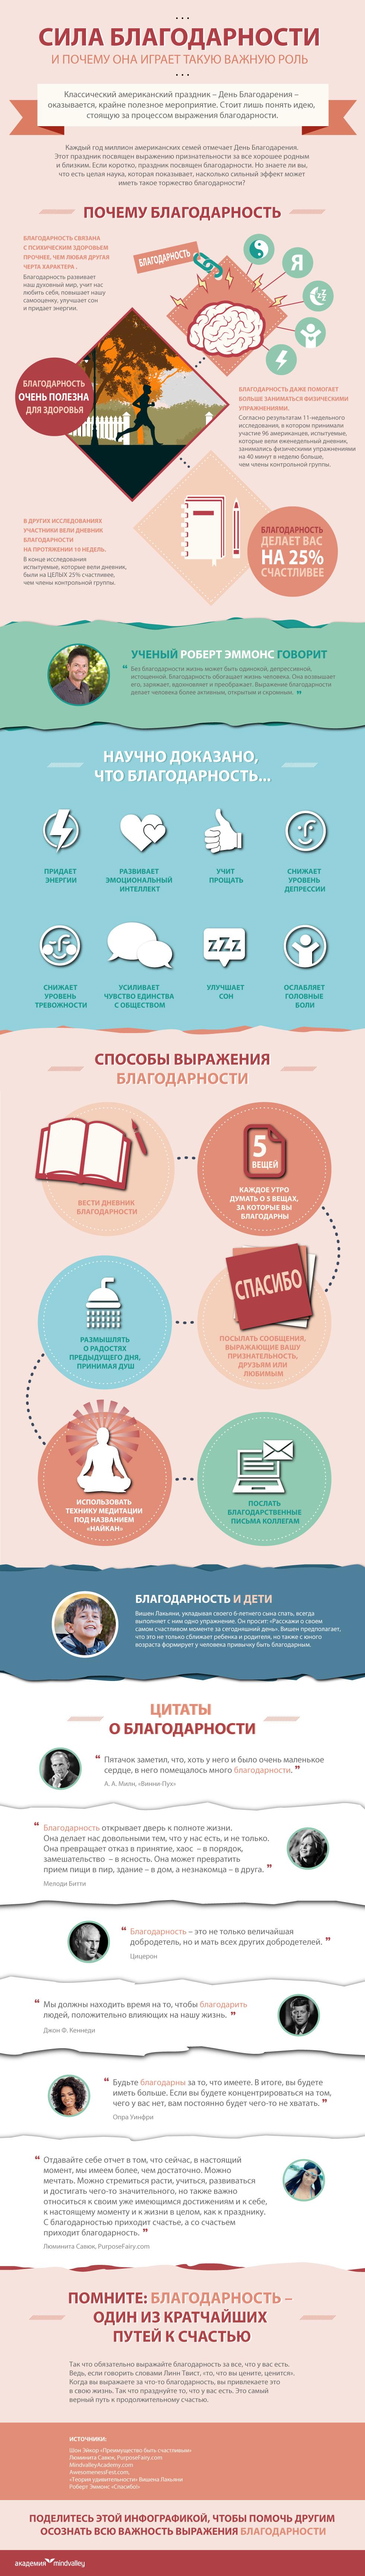 Blago-infografika